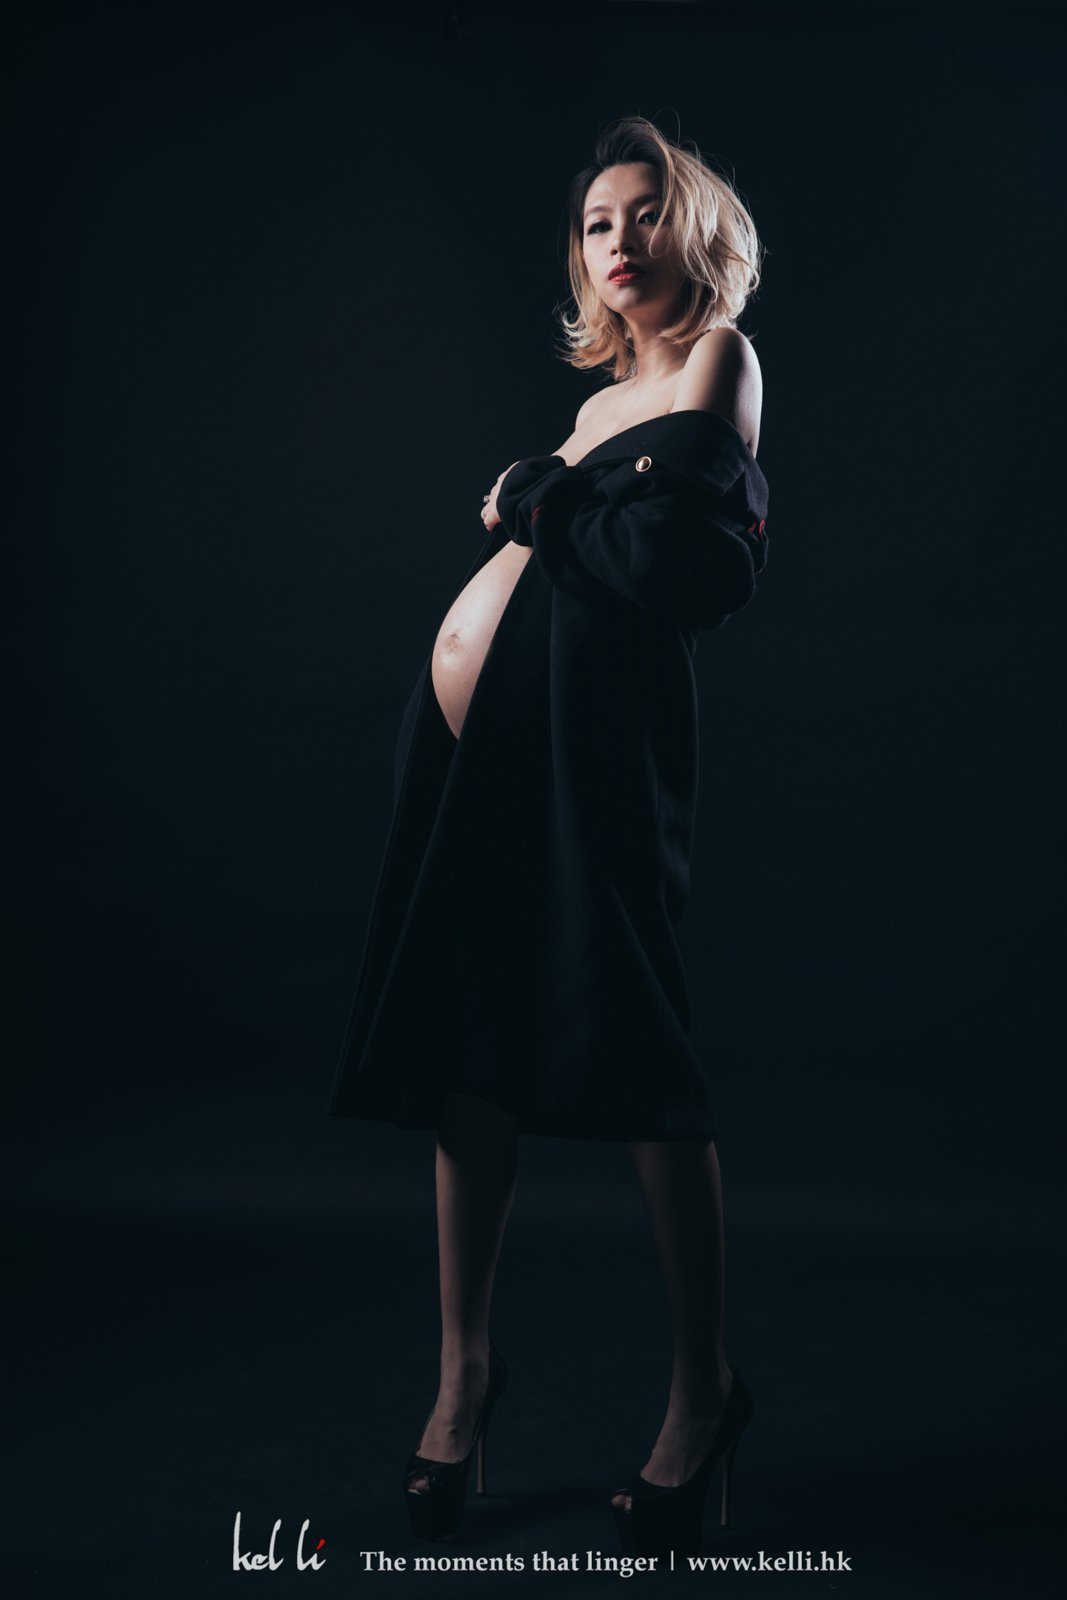 這位時尚孕婦,穿起大軍褸,更具現代感